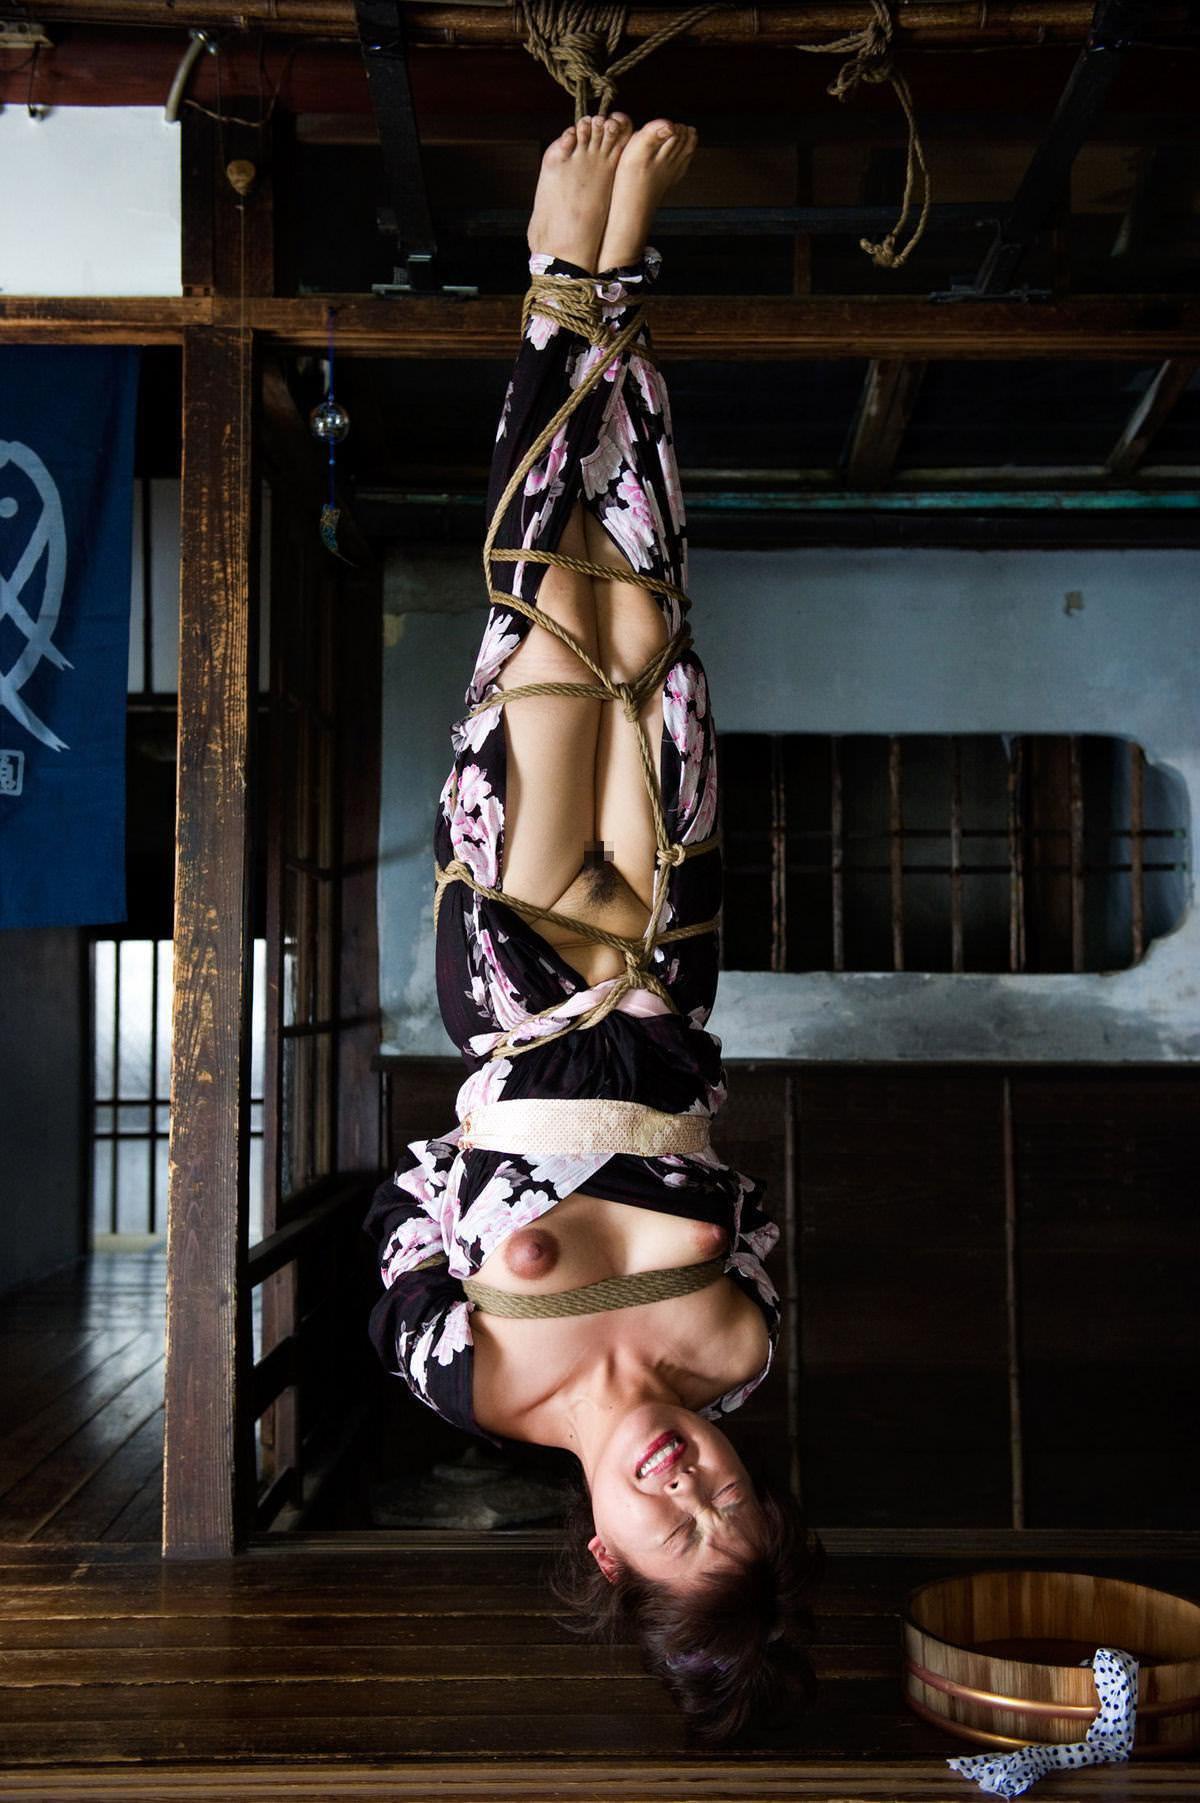 女を縄で縛って逆さ吊り調教したSMエロ画像 682